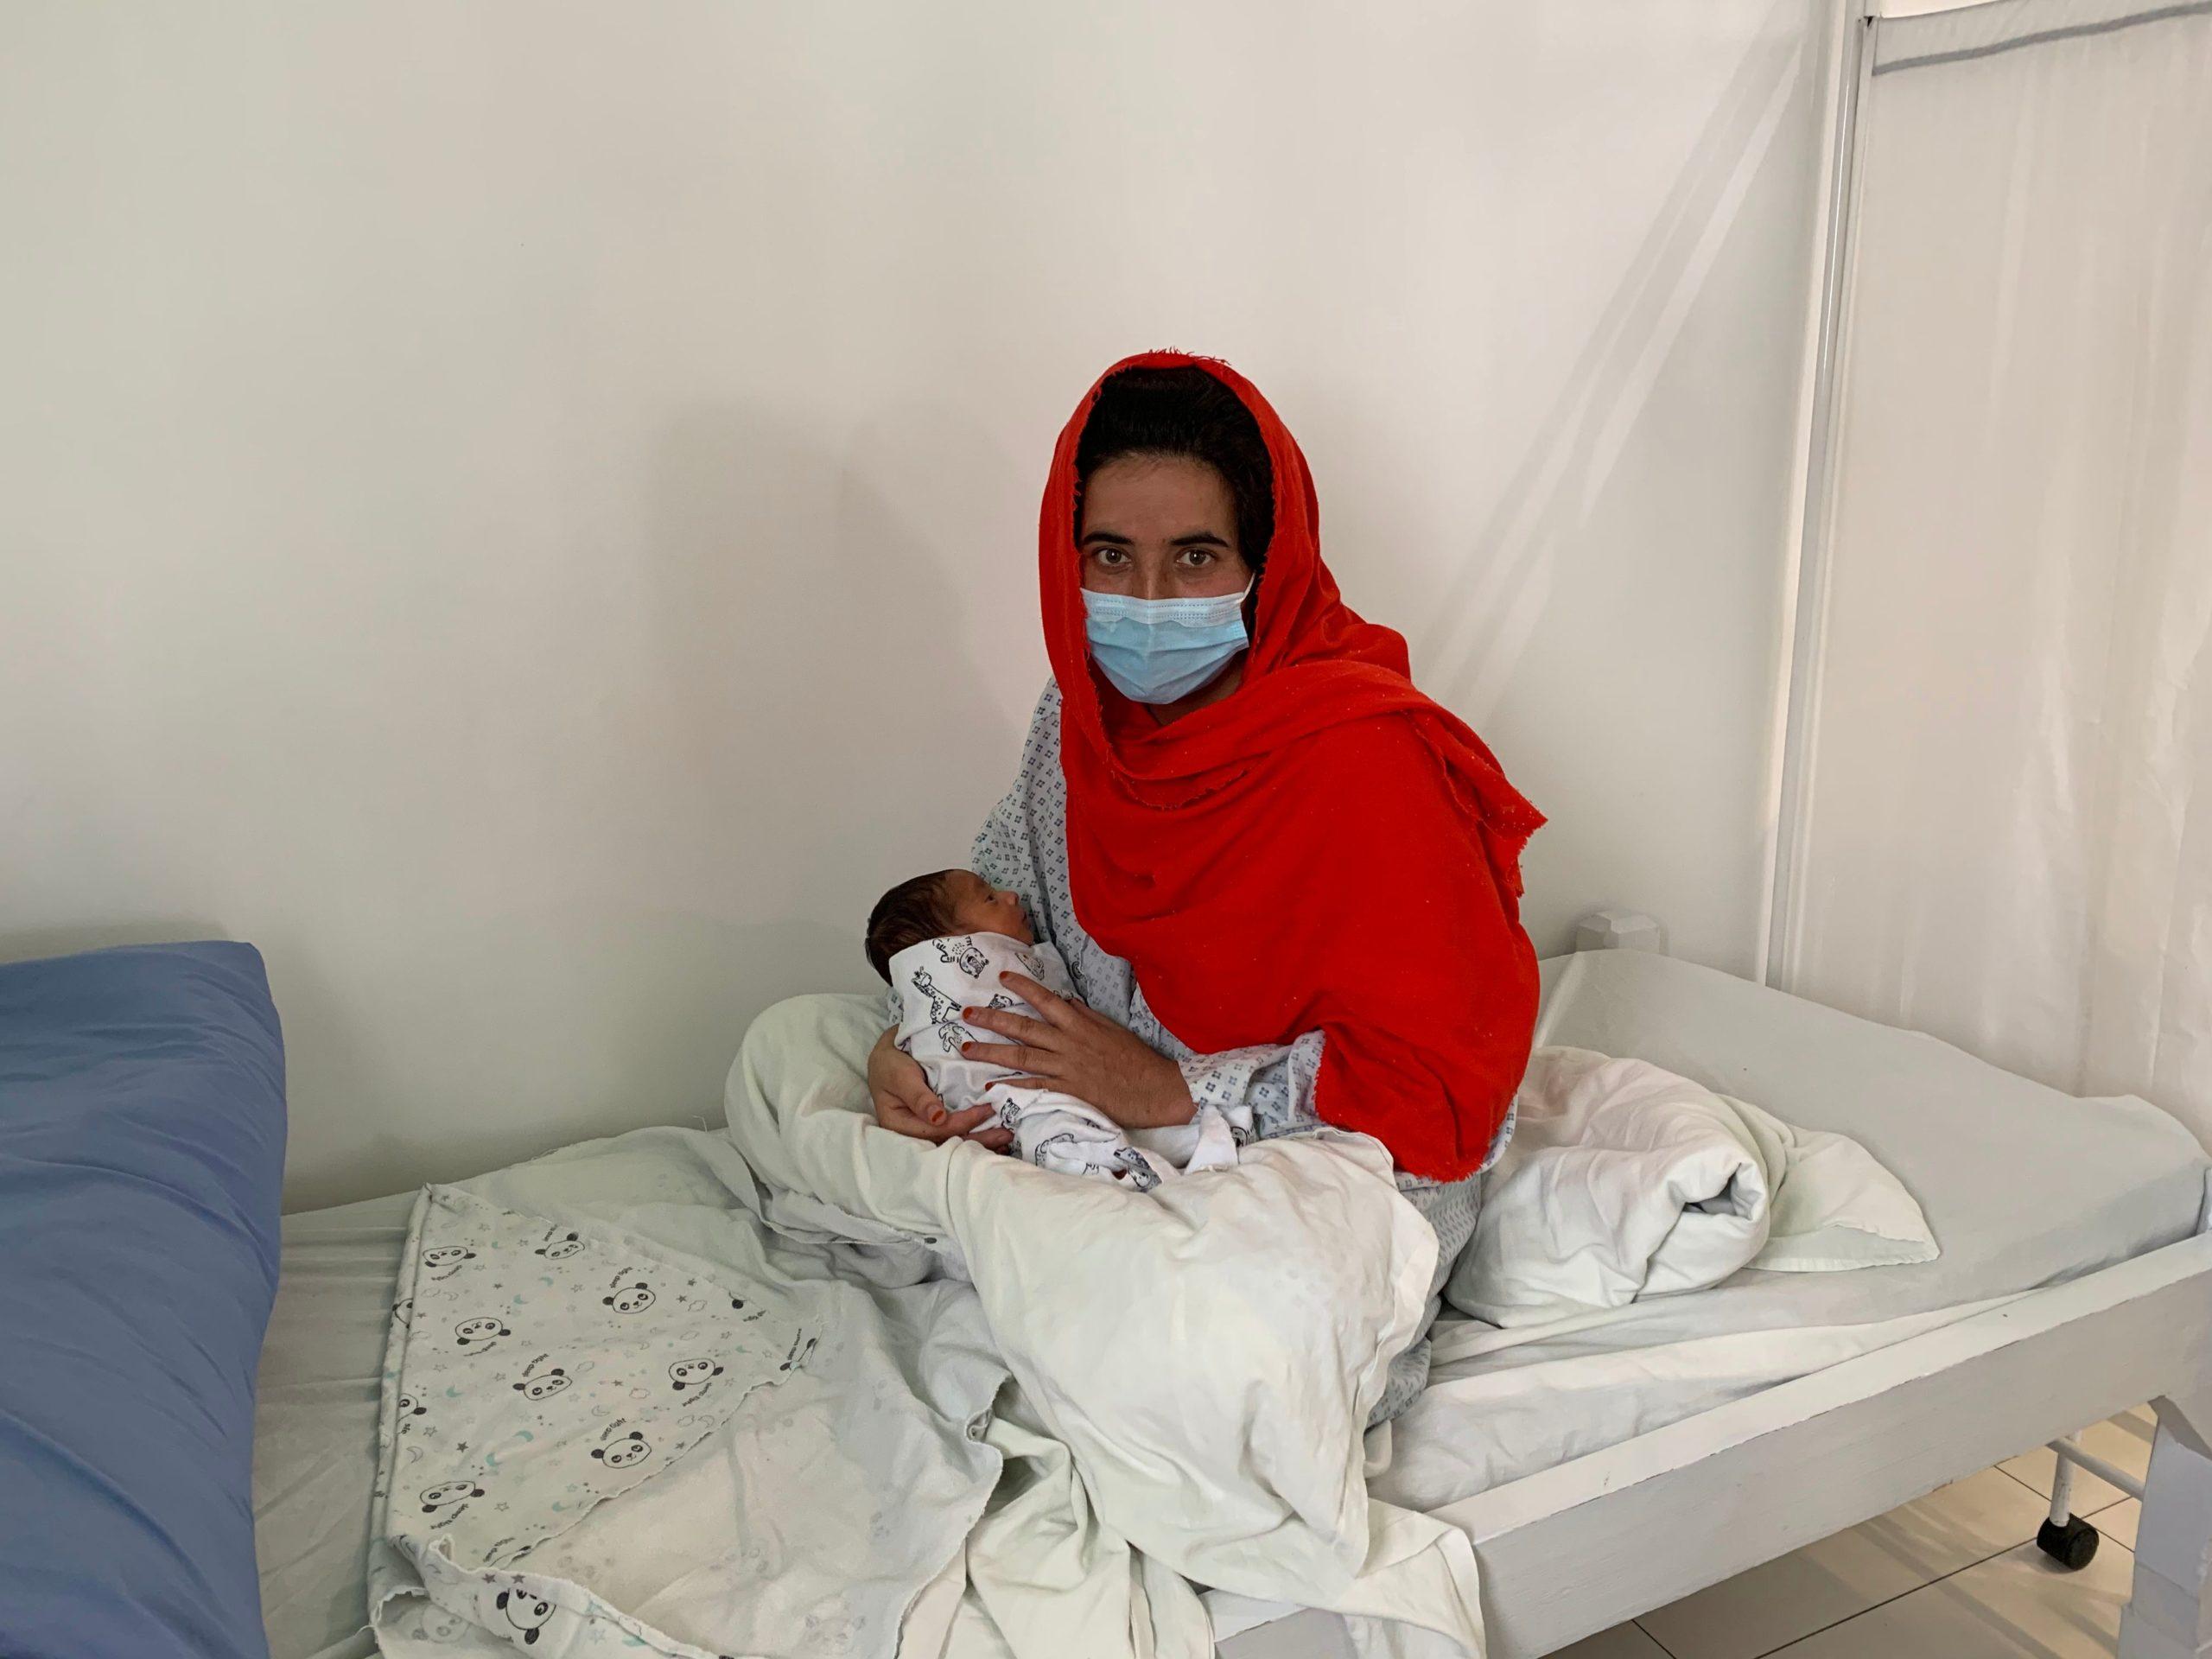 Sharifa con in braccio il suo bambino